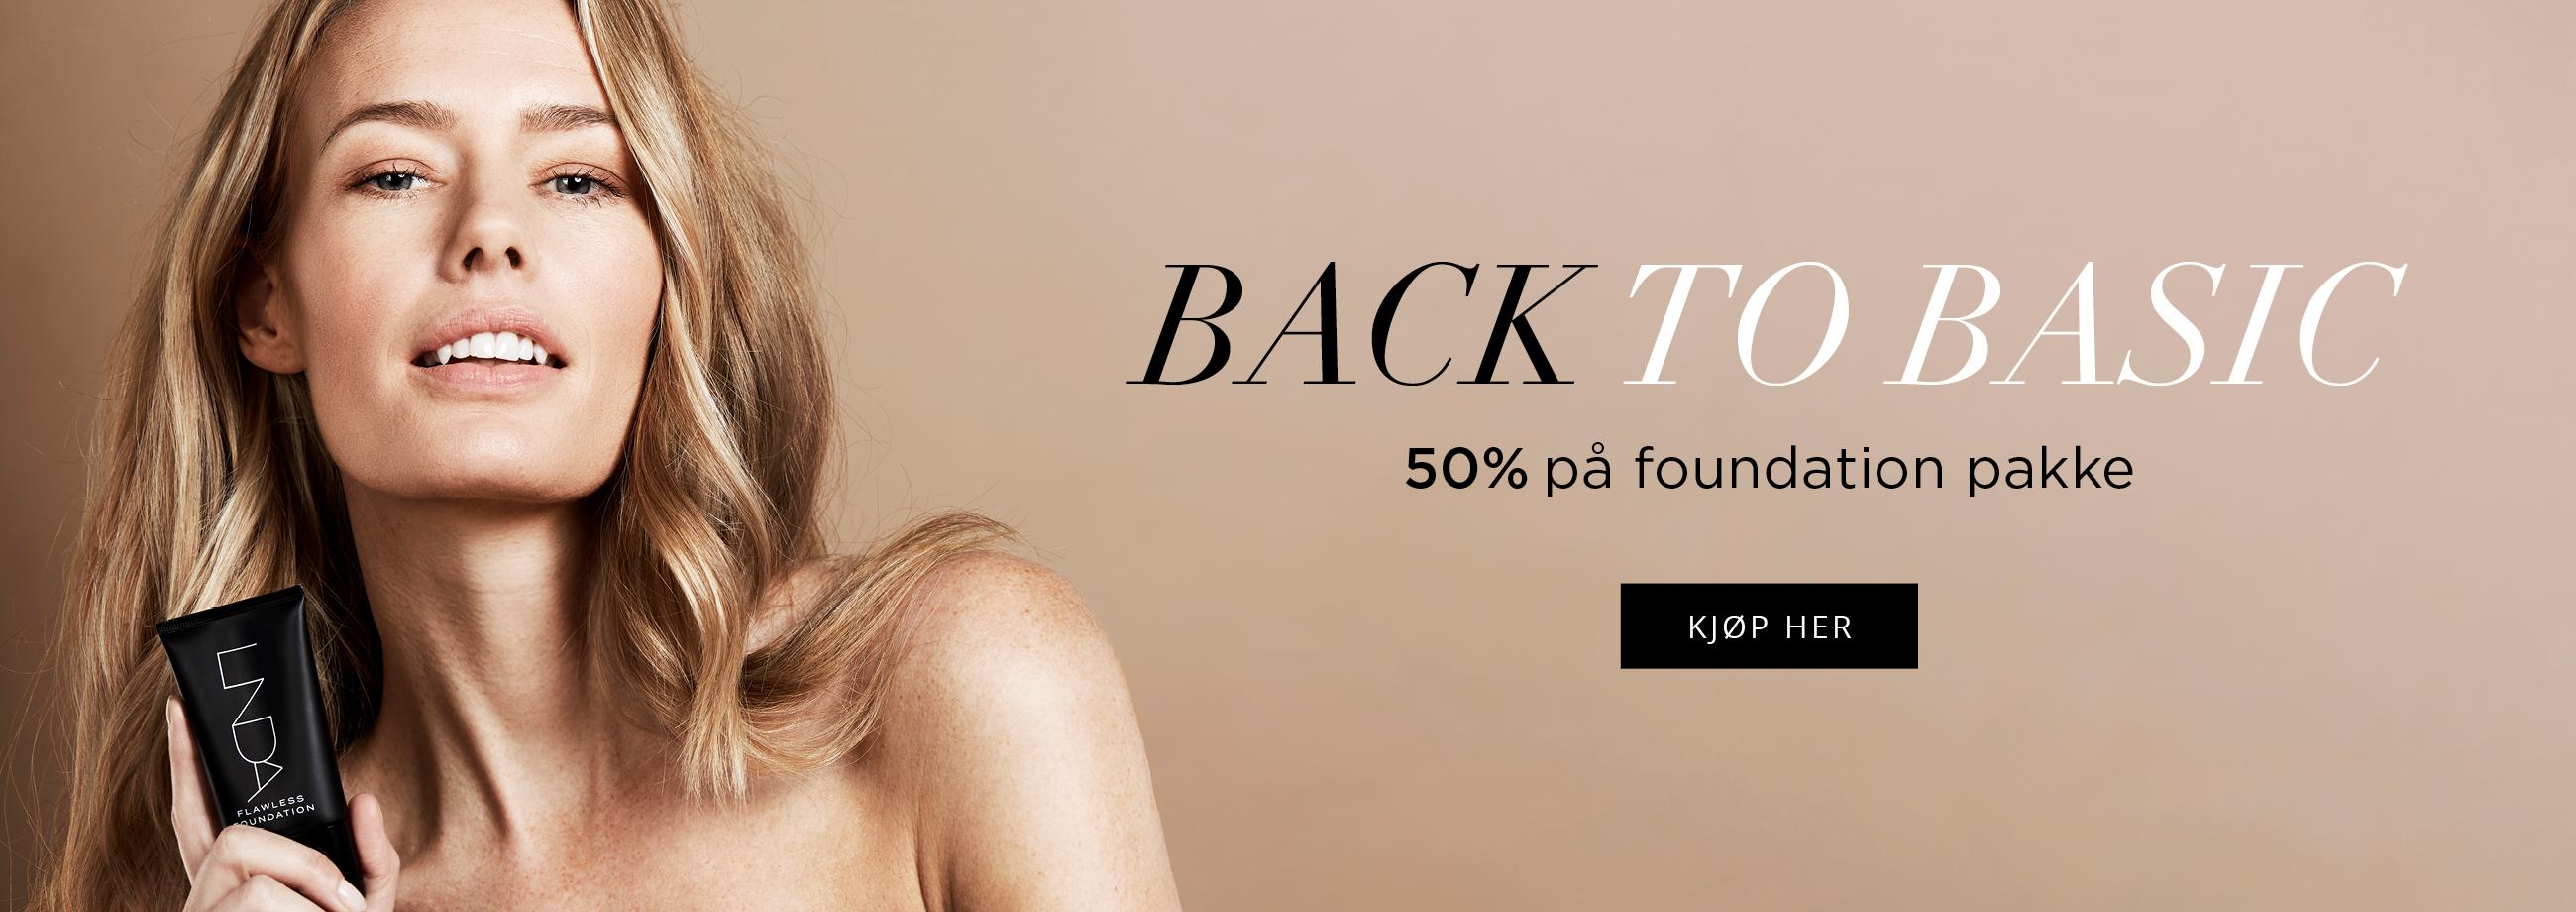 Back to basic - 50% på foundationpakke